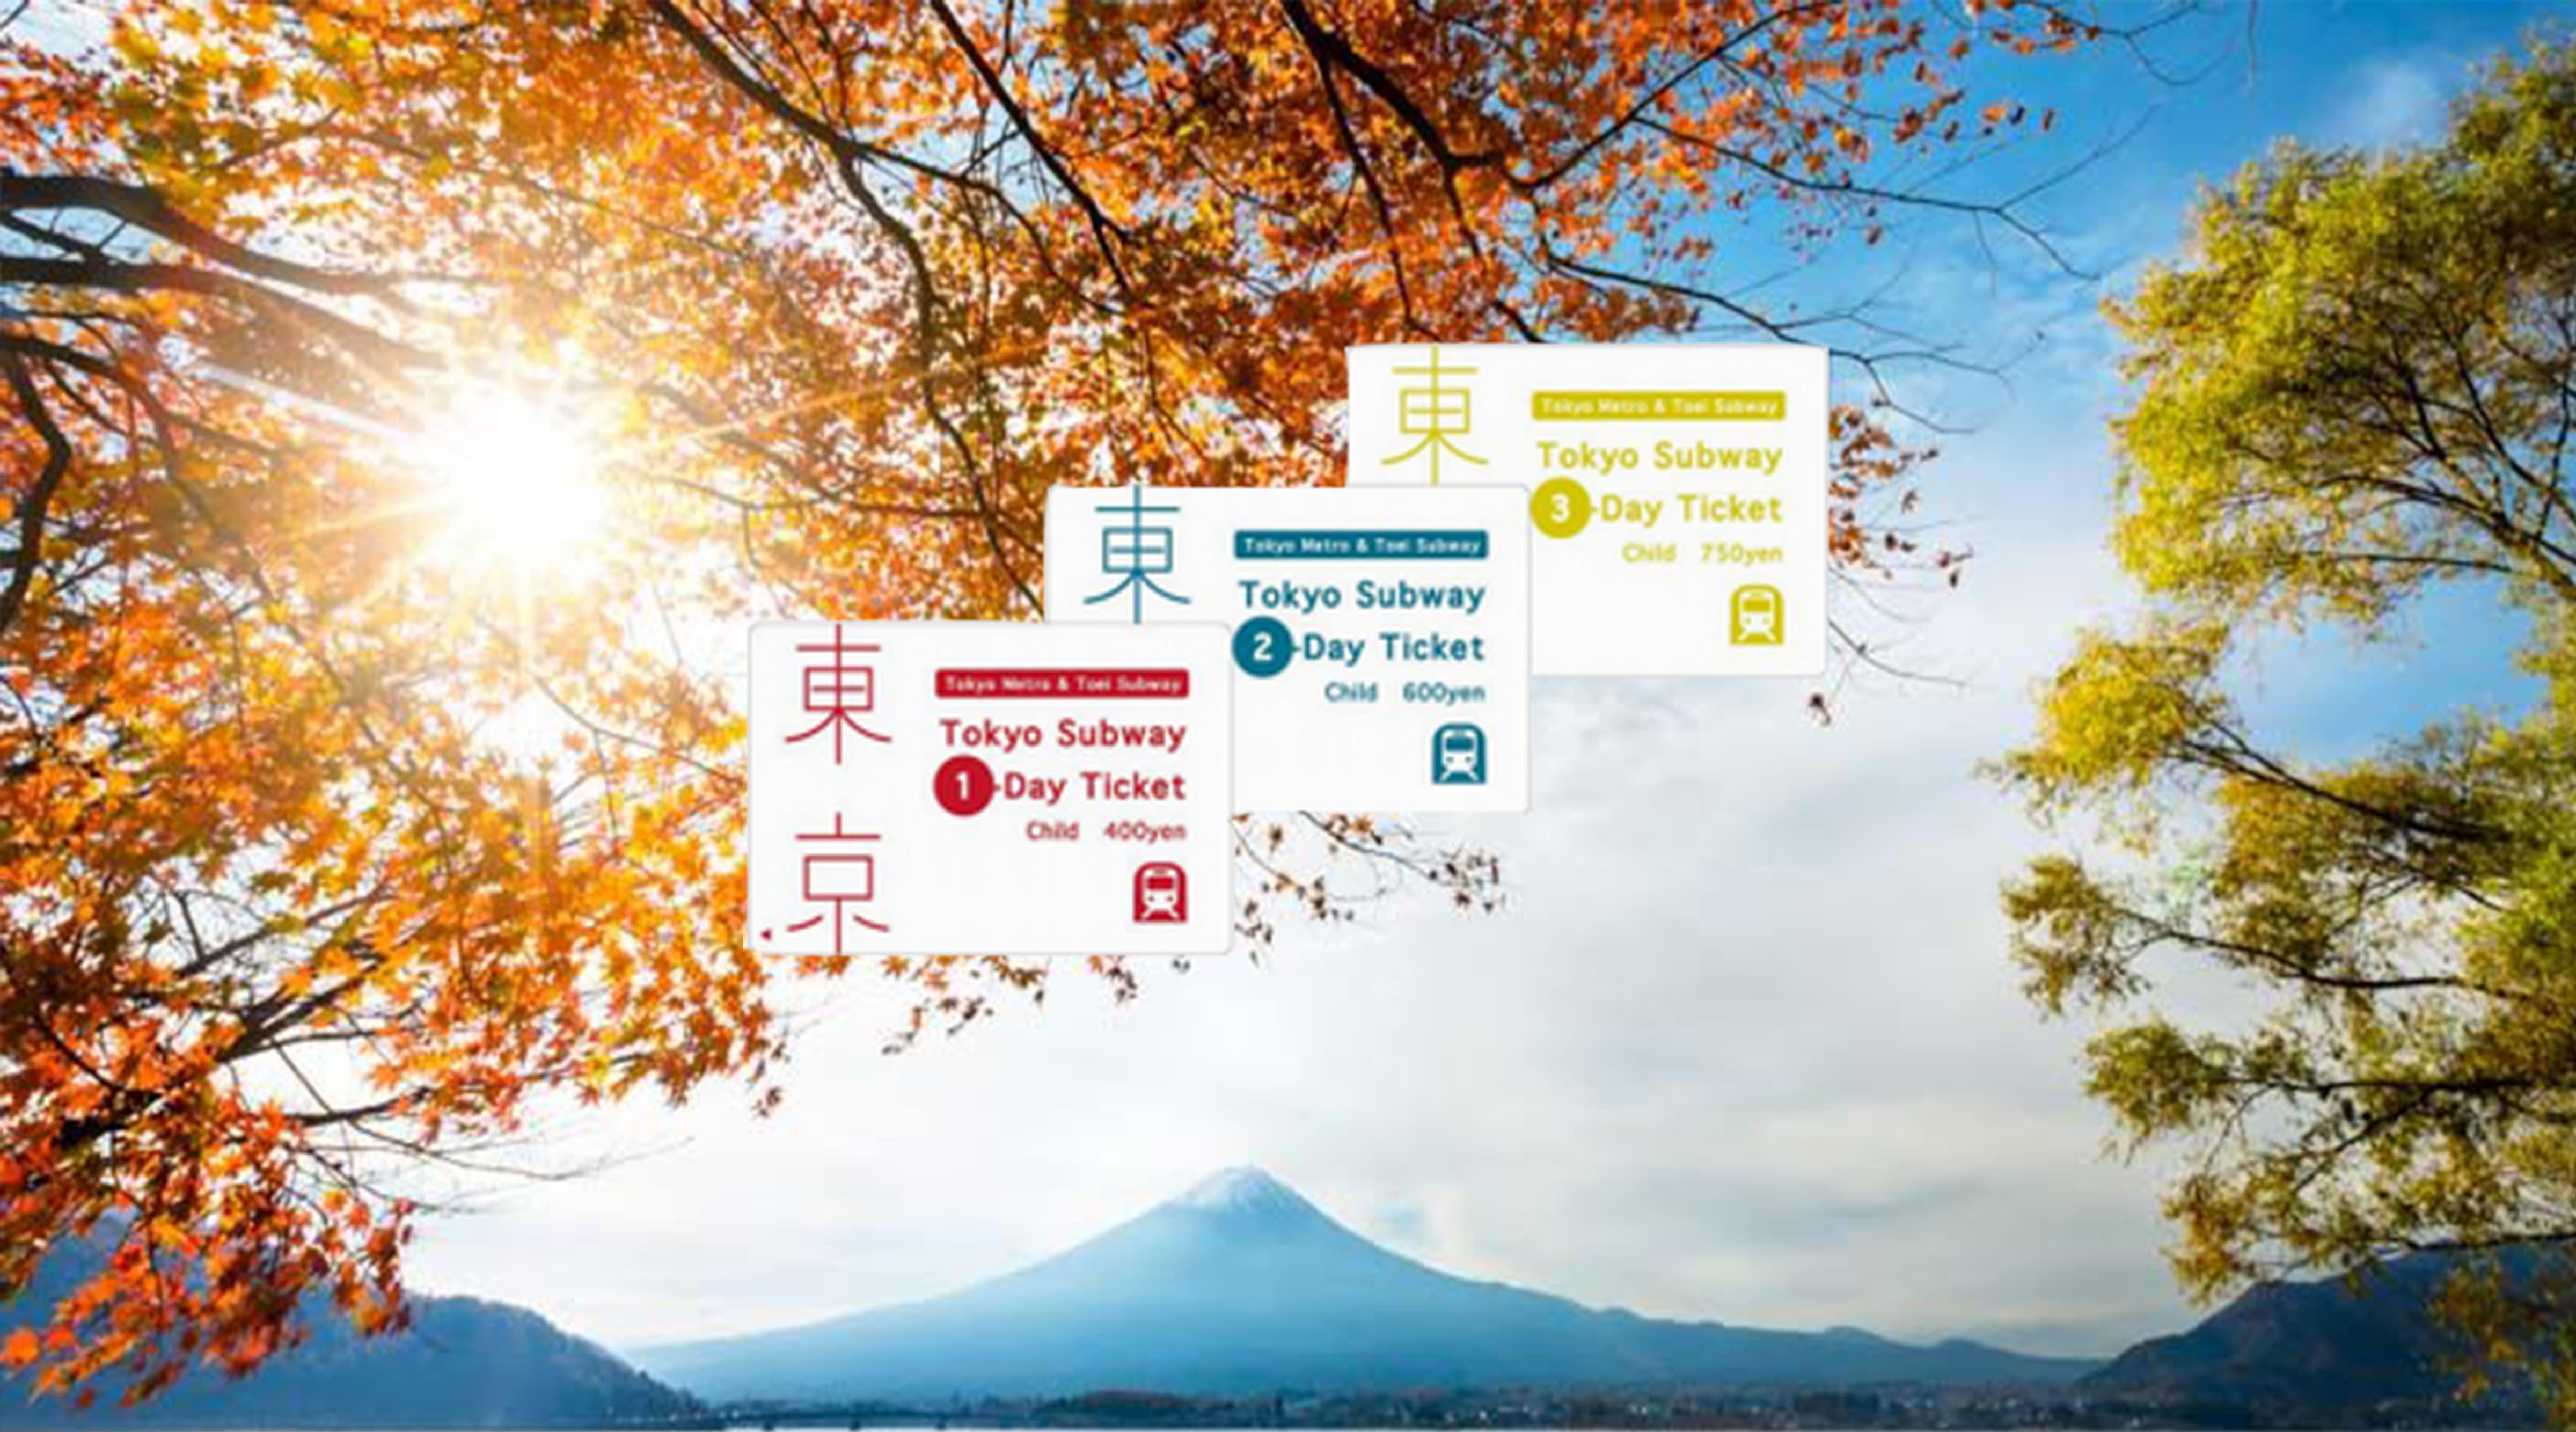 hoạt động săn hoa anh đào ở nhật bản: vé tàu điện ngầm tokyo